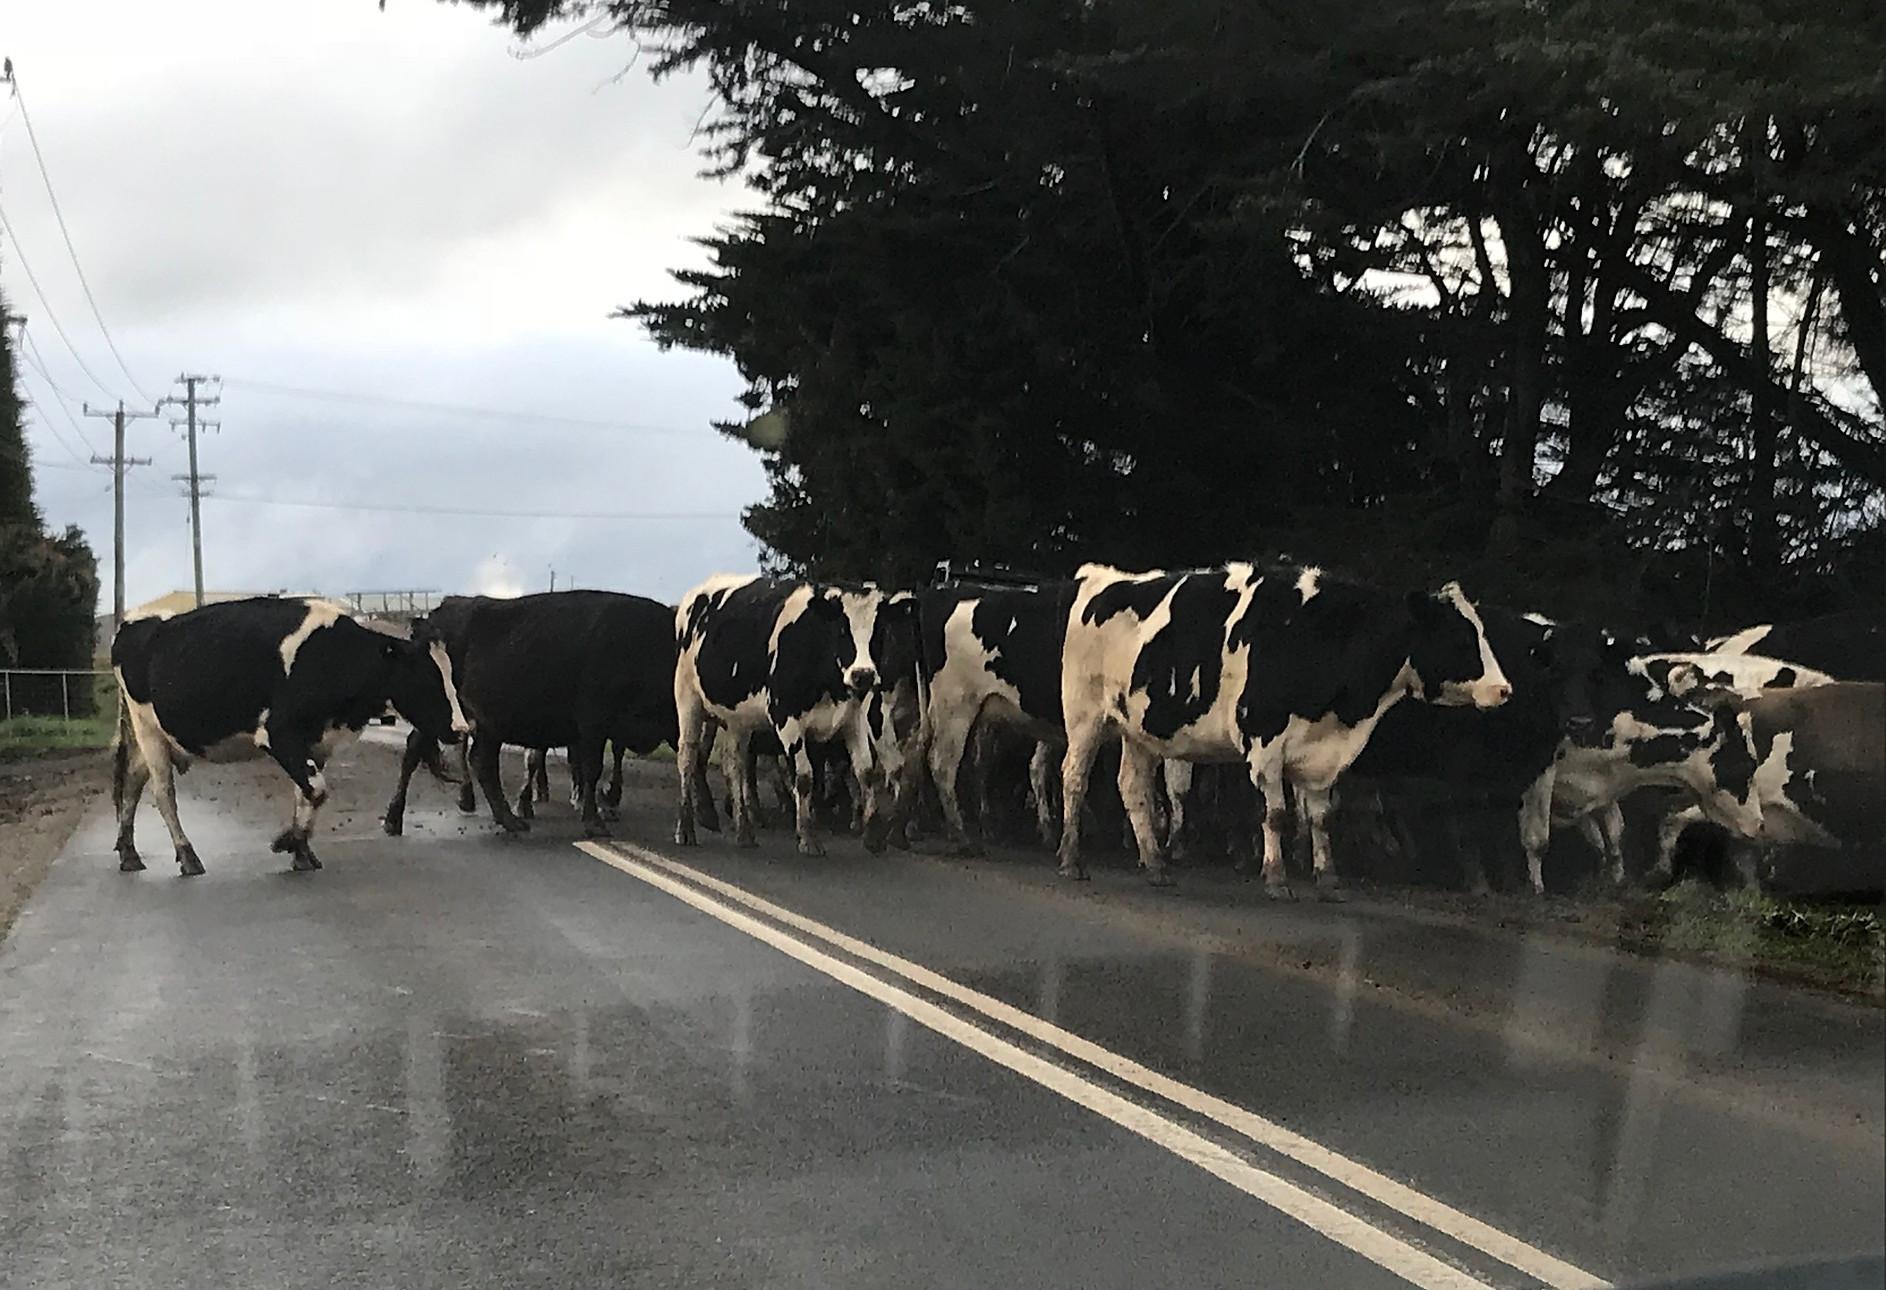 Фрески на дорогах Шеффилда — Тасмания 2018 — Блог о путешествиях Сергея Чеботова